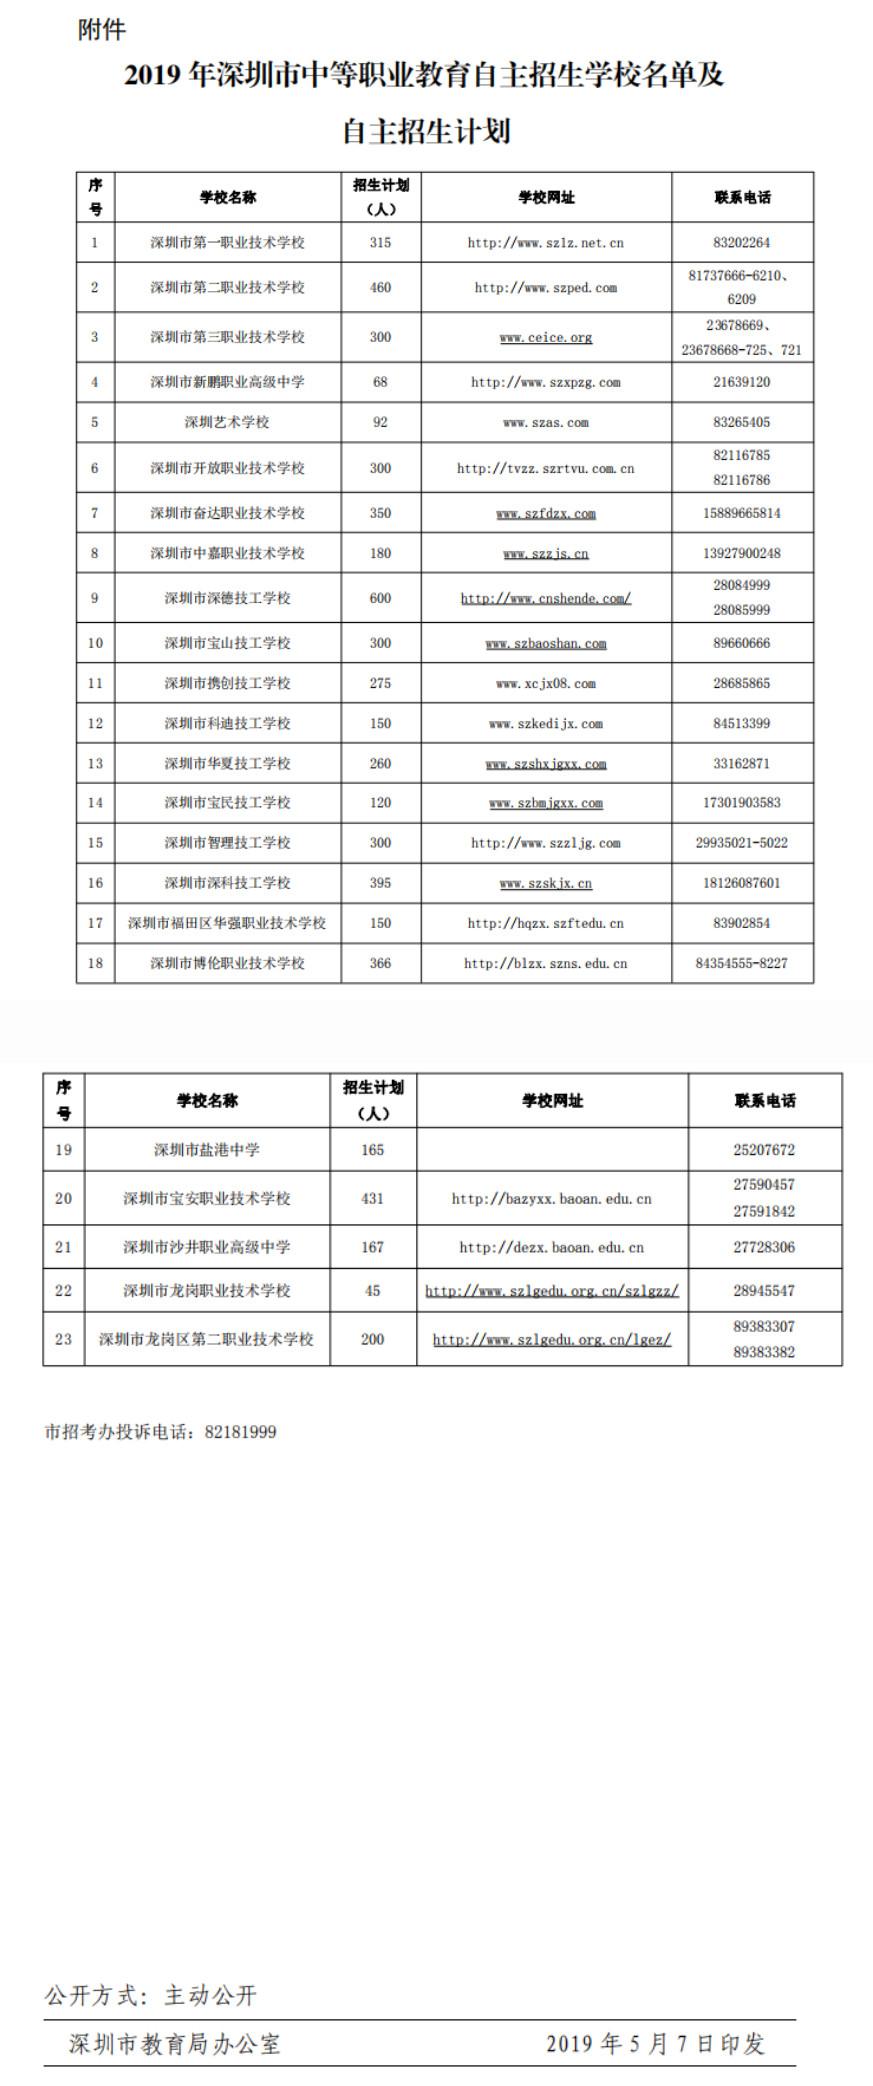 2019深圳中职学校中考自主招生计划公示